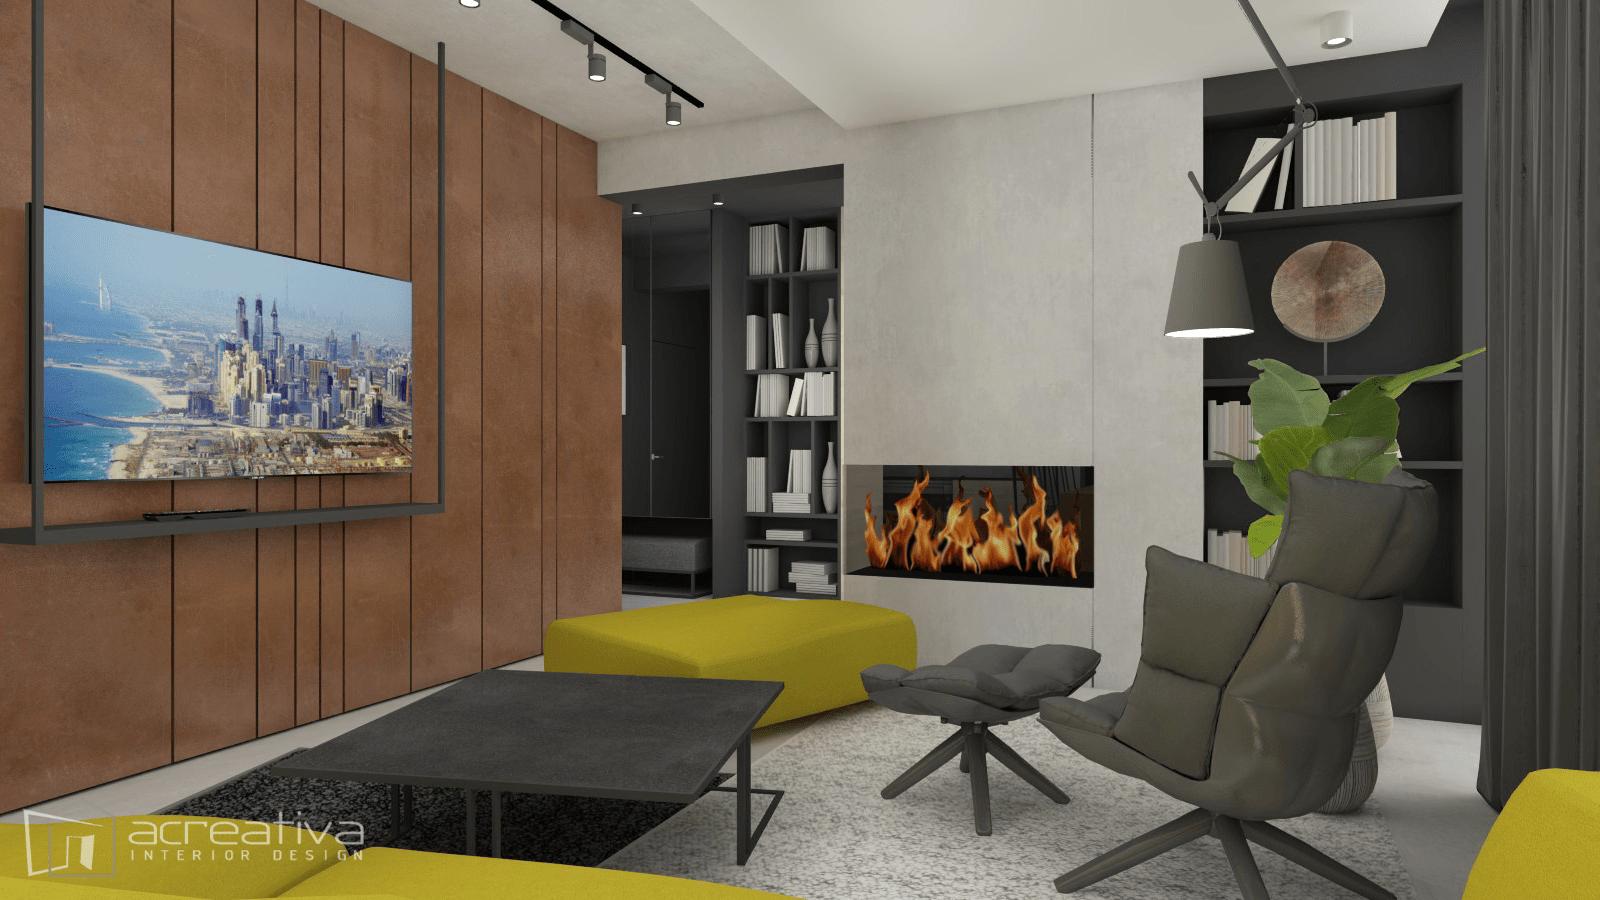 salon_nowoczesny_industrialny_projekt_wnetrz_architekt_online_acreativa.pl_torun_3